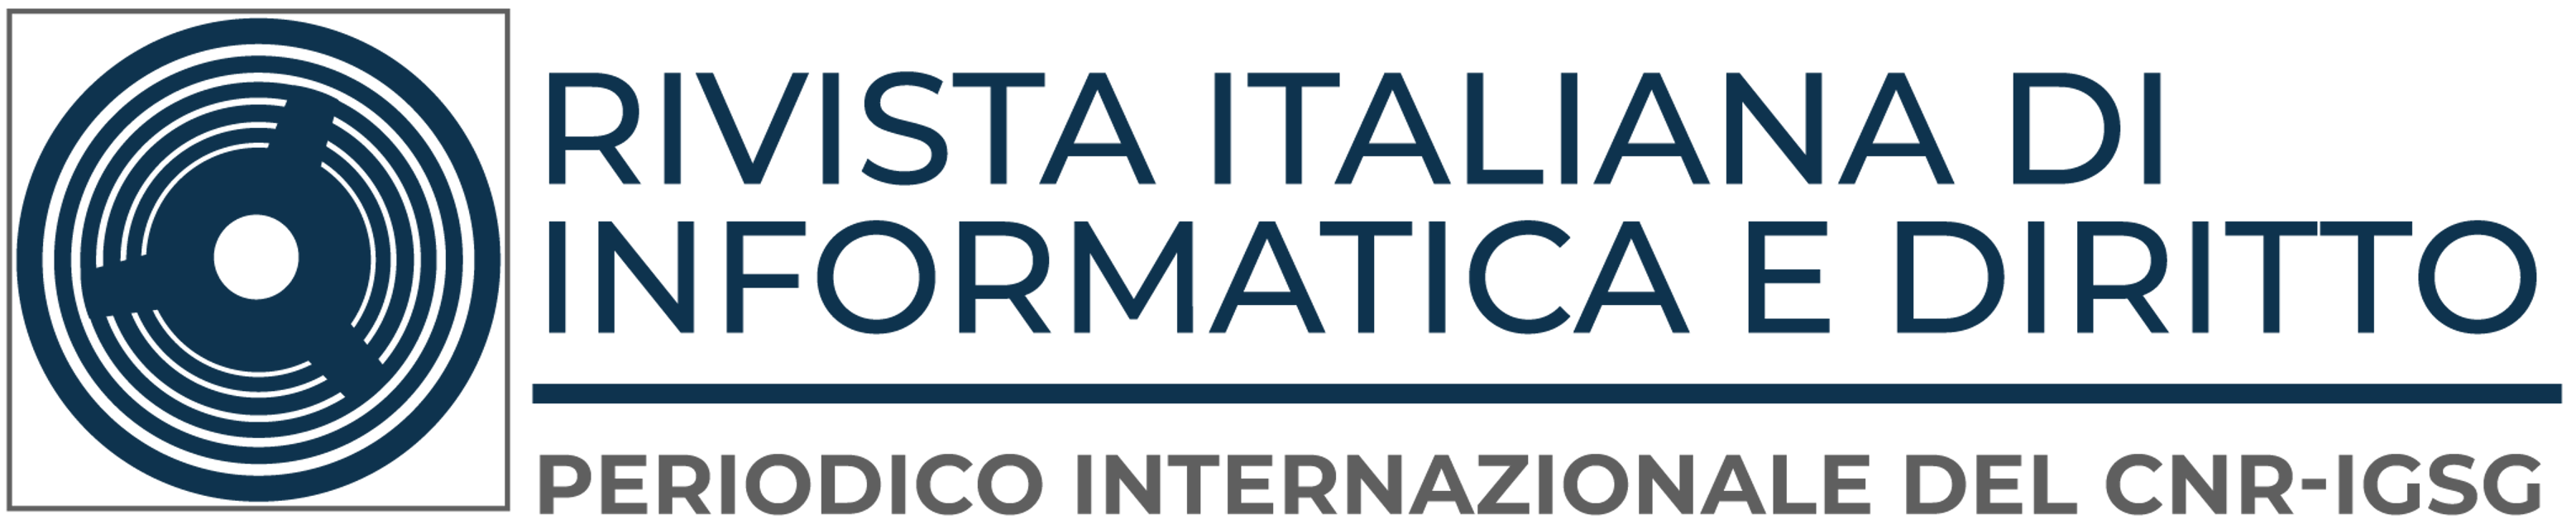 Rivista Italiana di Informatica e Diritto